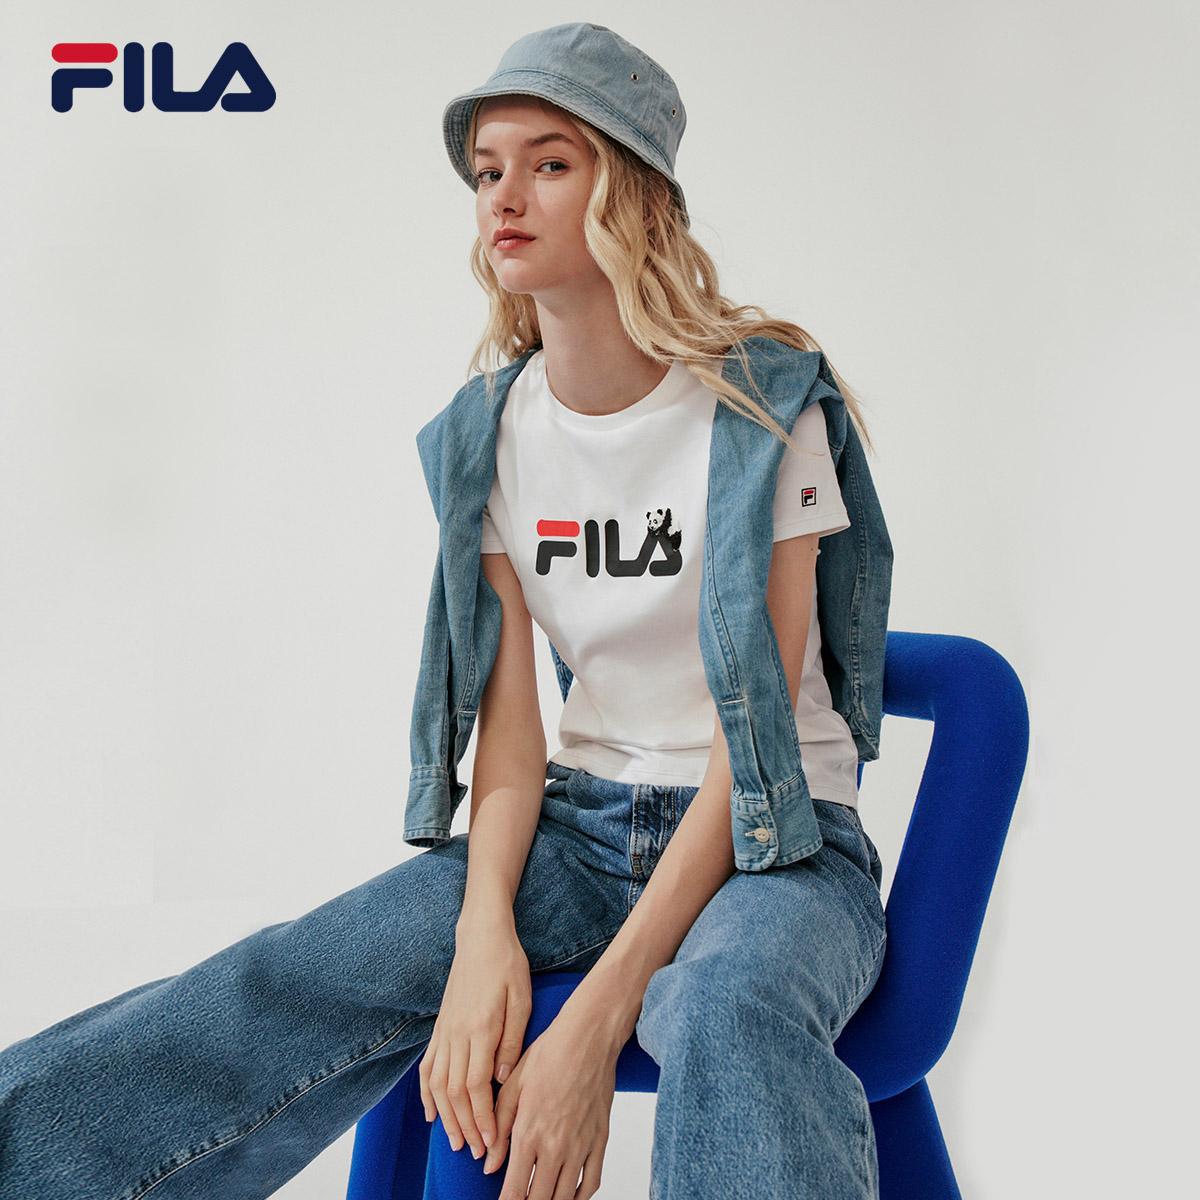 FILA 斐乐官方 女子短袖T恤 2020春季新款休闲运动熊猫主题打底衫